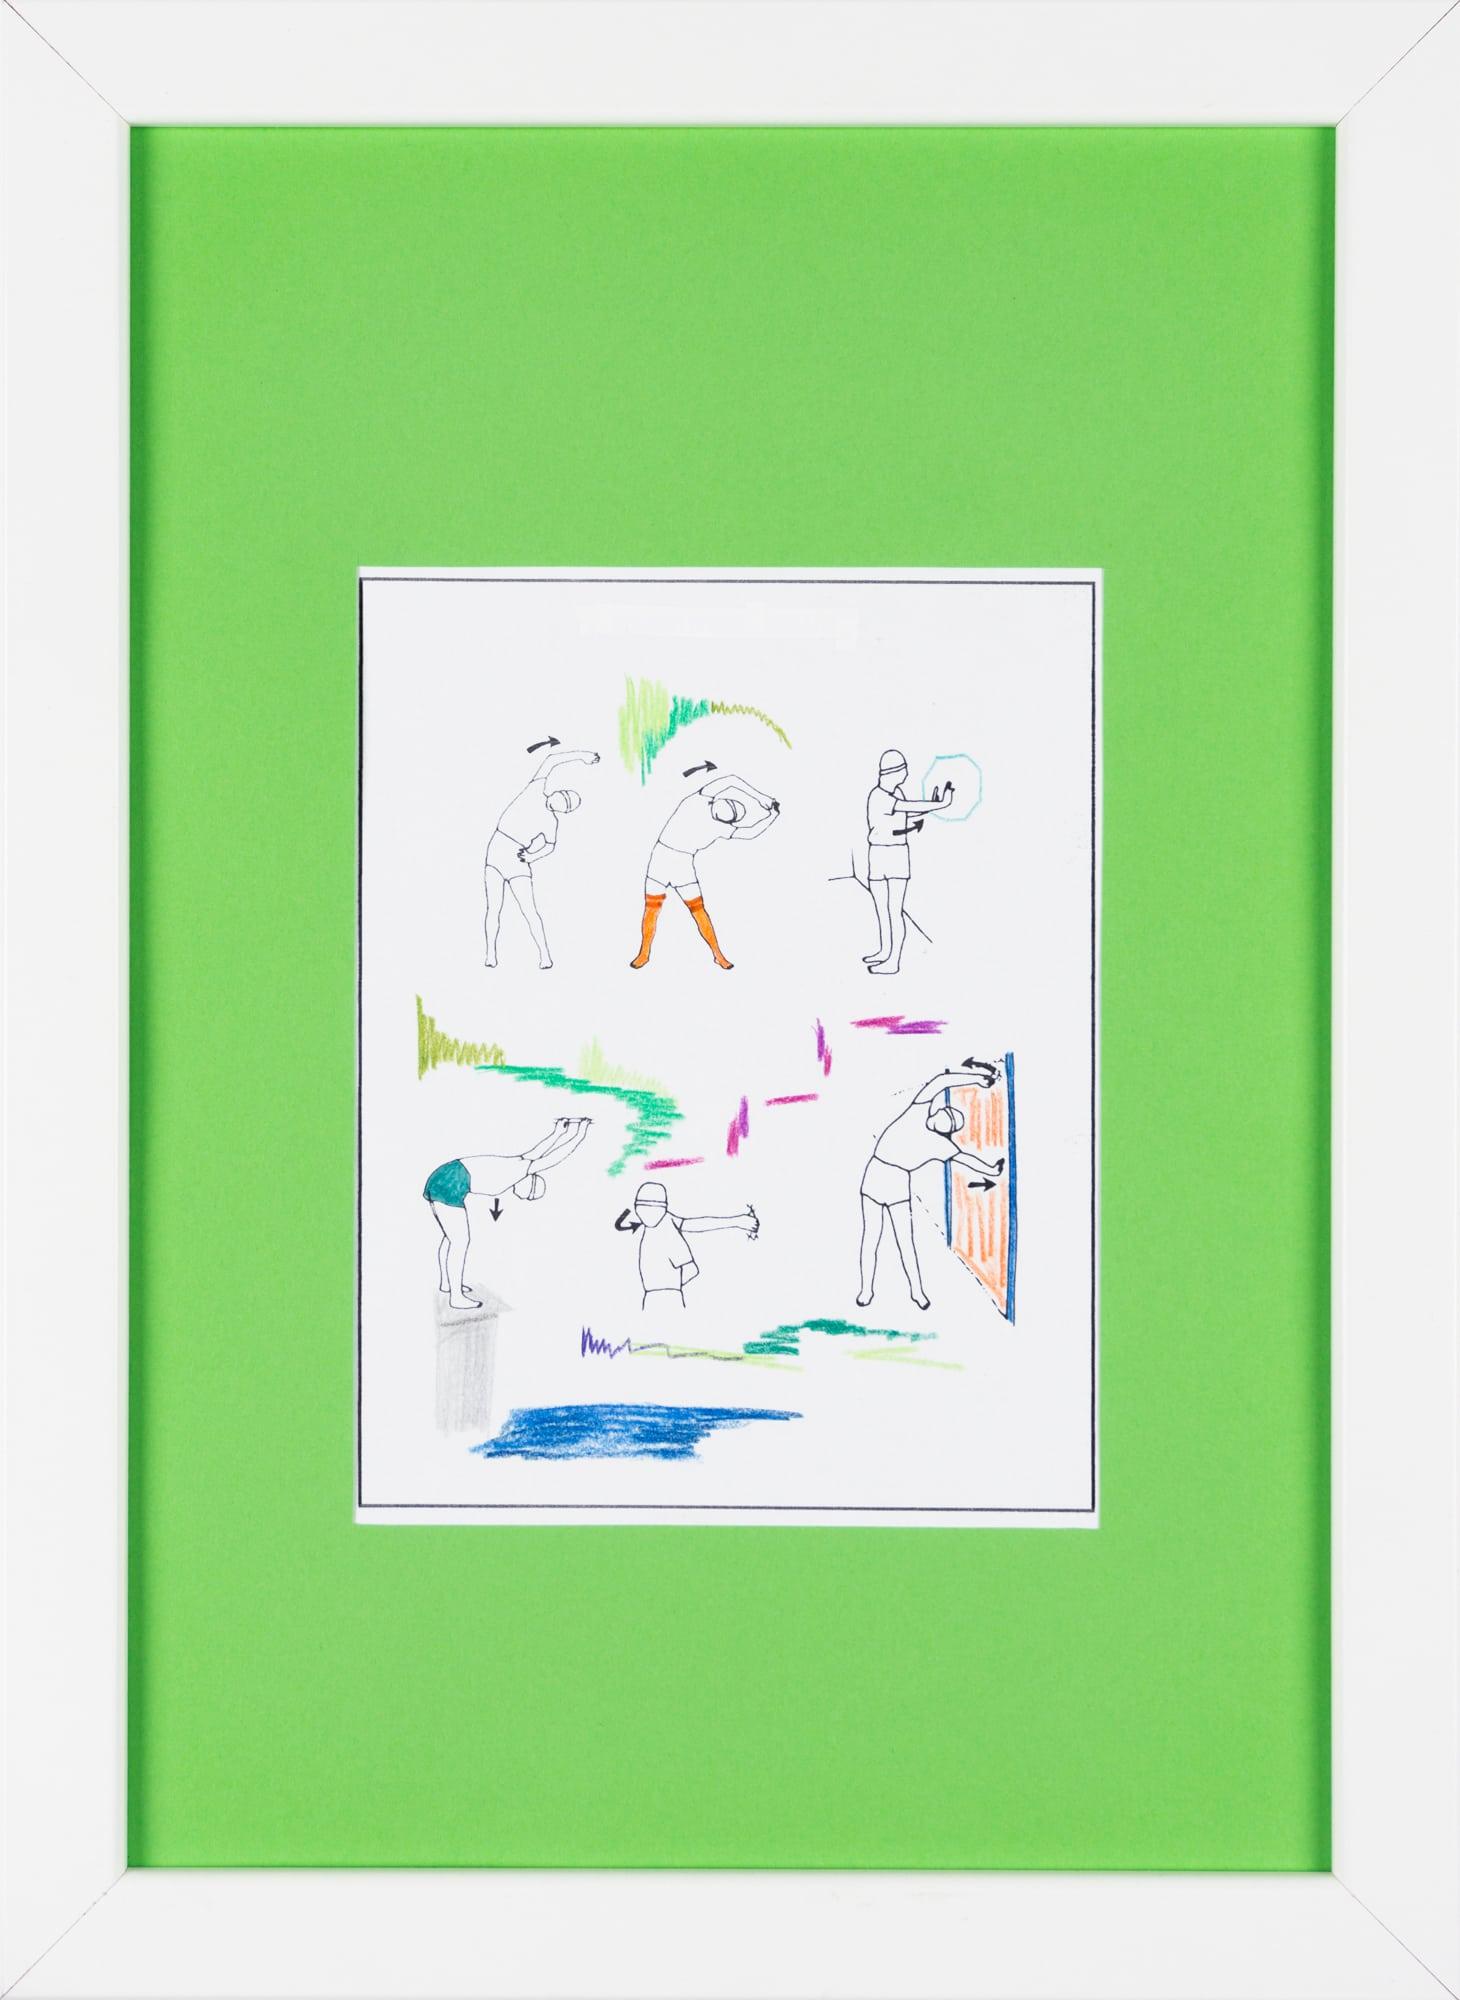 Übermalung und Mischtechnik auf Papier, 12,4x16cm, Originalgrafik zum gleichnamigen Booklet, Künstlerin: Franziska King